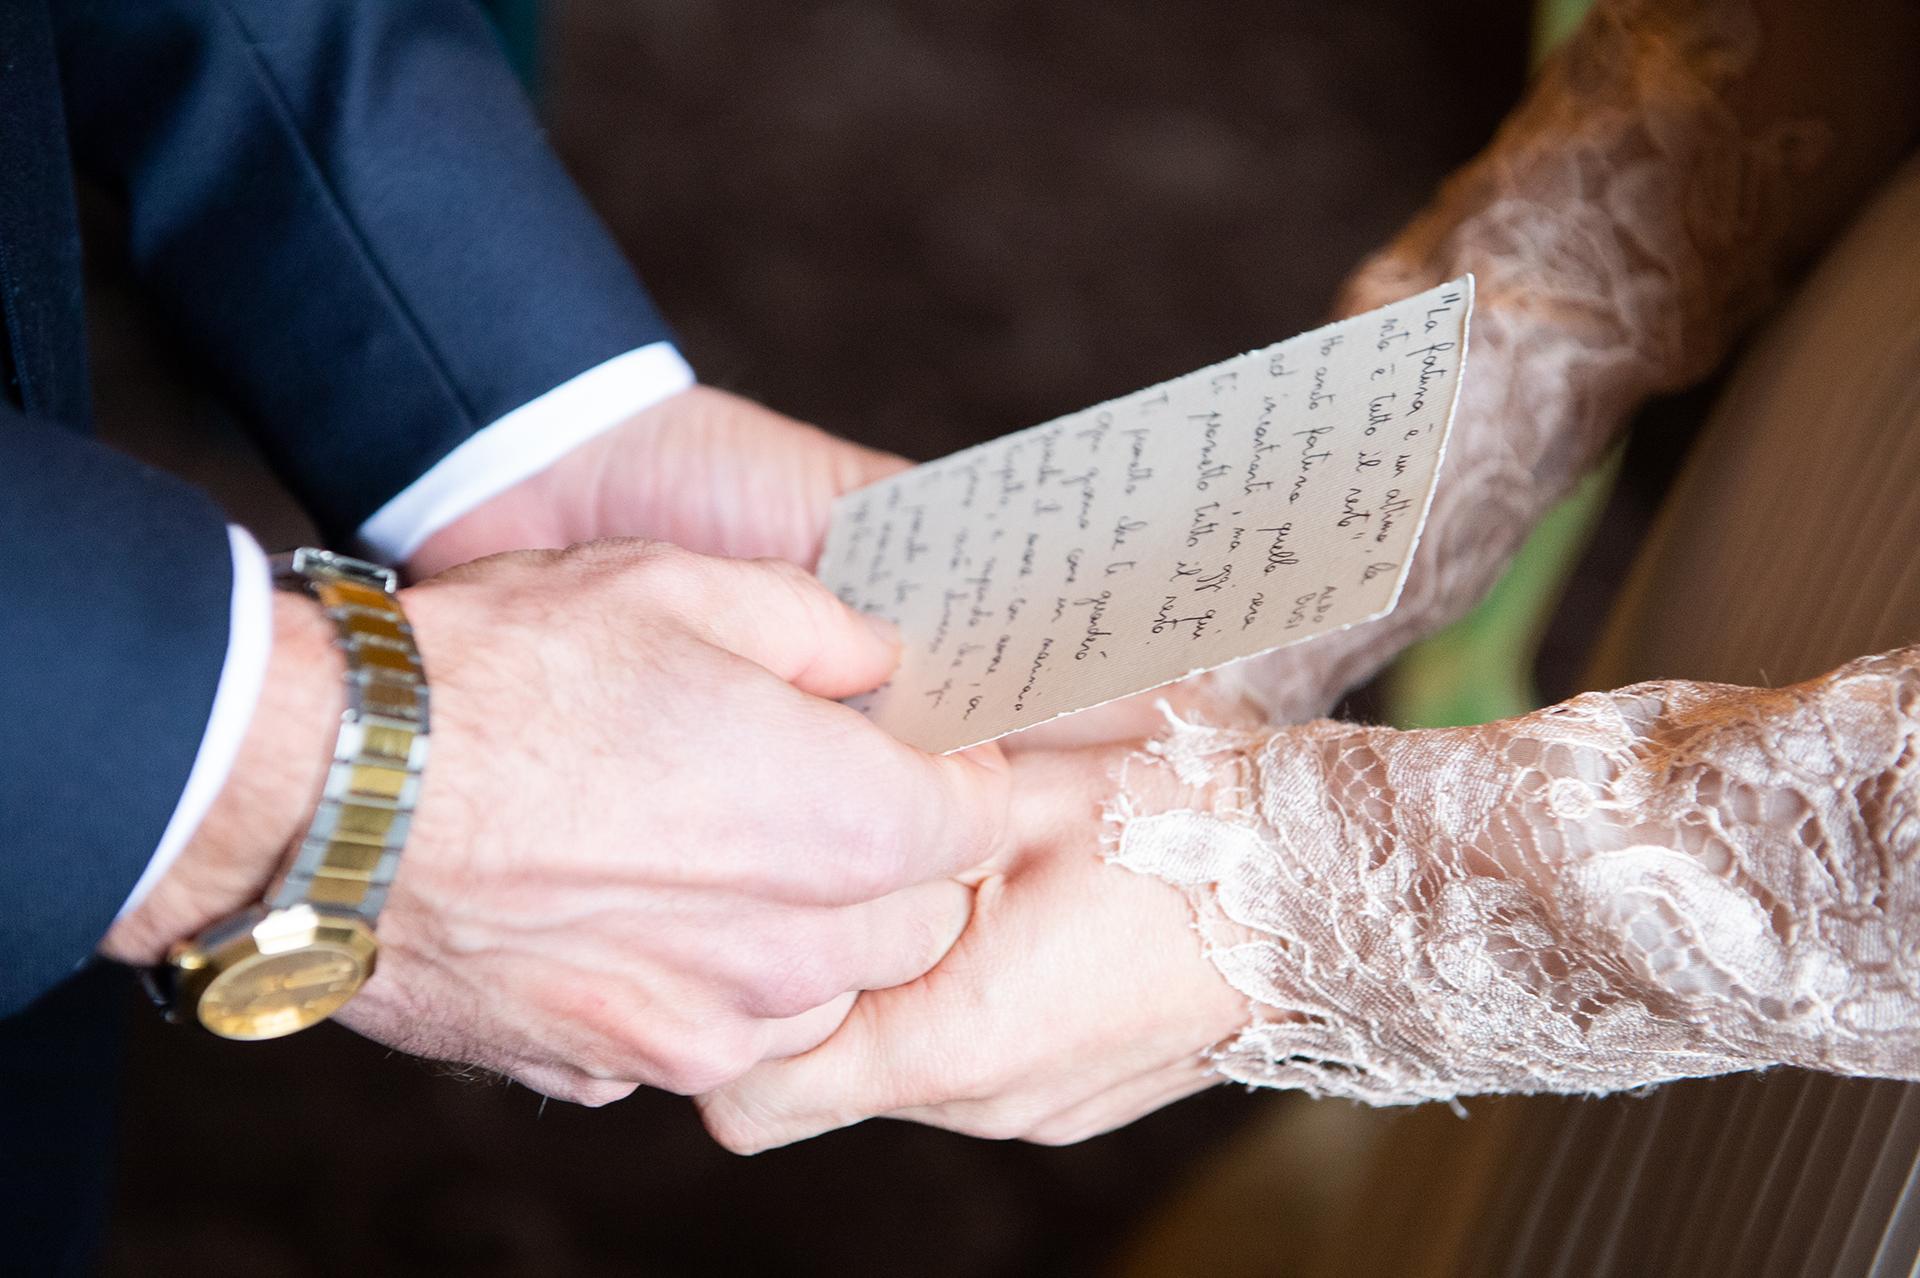 Elopement Image détaillée des mains pendant le discours de cérémonie - Italie, Lombardie, Pavie